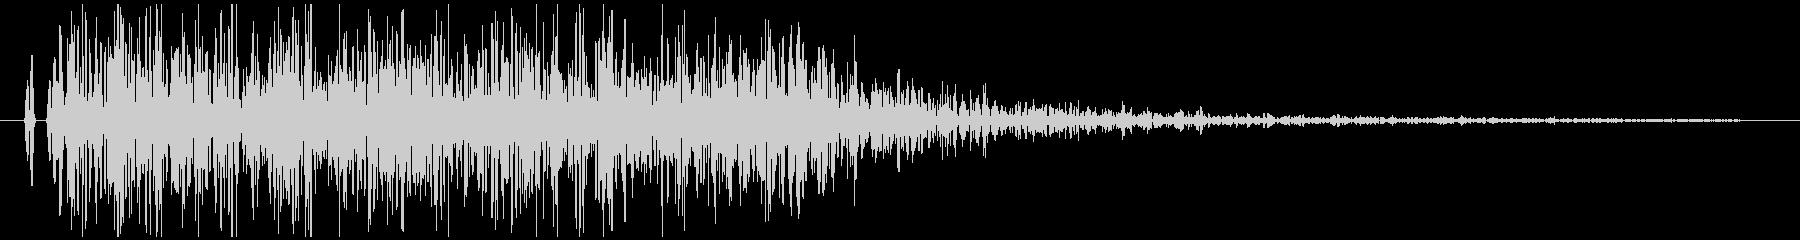 ドン!!(衝撃音、発射音)の未再生の波形